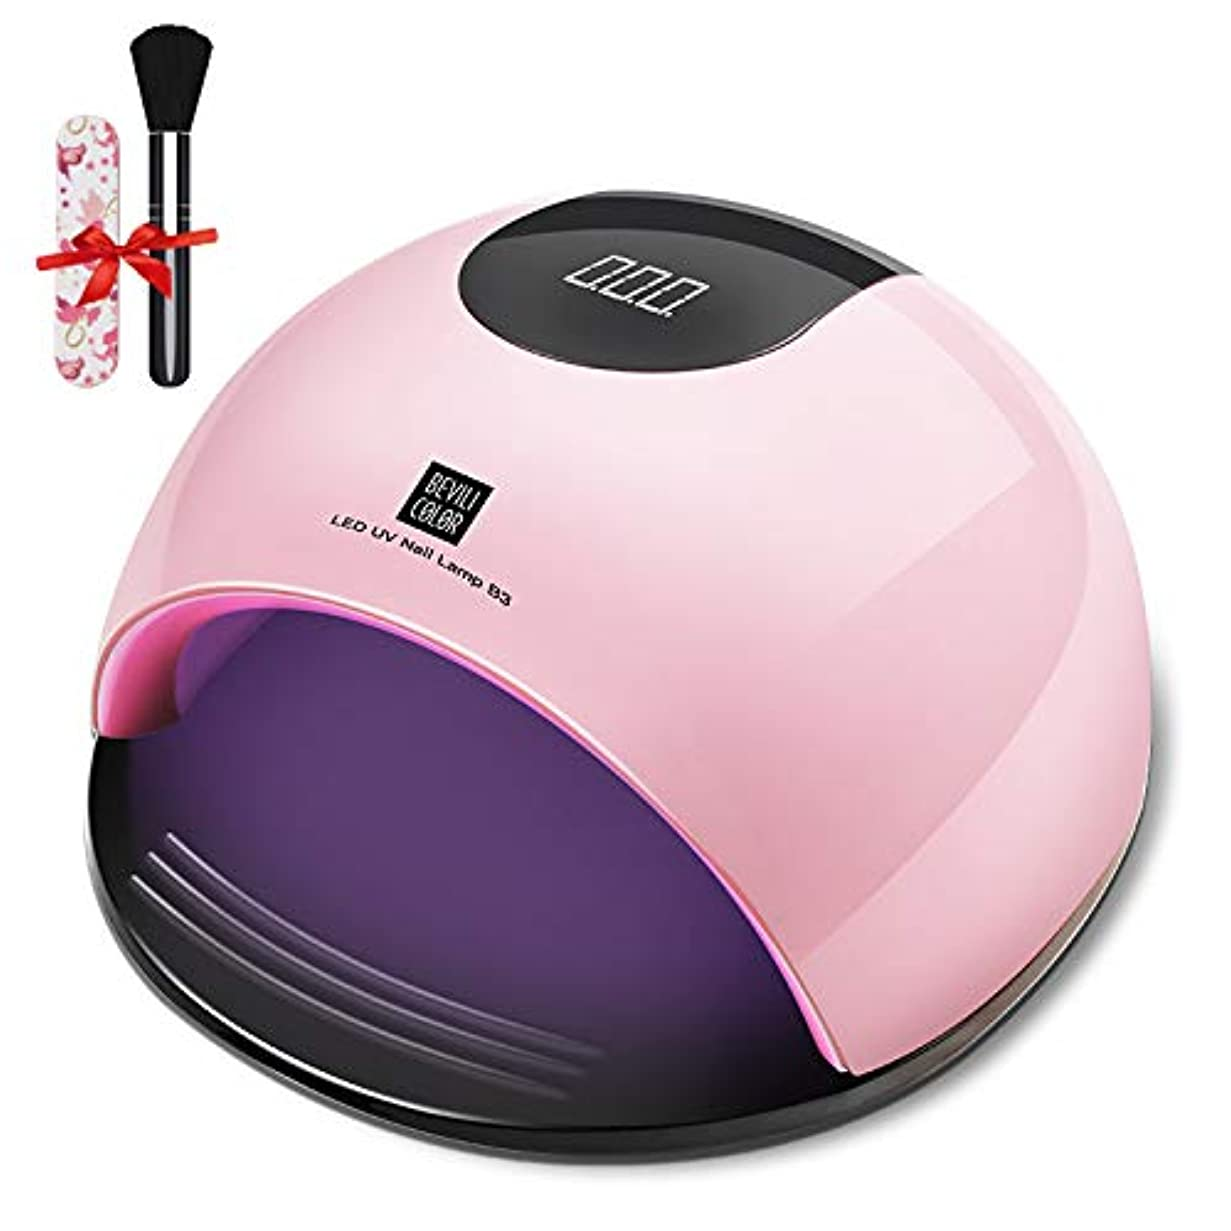 フォームやさしいクライストチャーチジェルネイル ライトレジン uvライトネイルドライヤー ハンドフット両用 ネイル led ライト80W ハイパワー ジェルネイルライト 肌をケア センサータイマー付き (Pink)